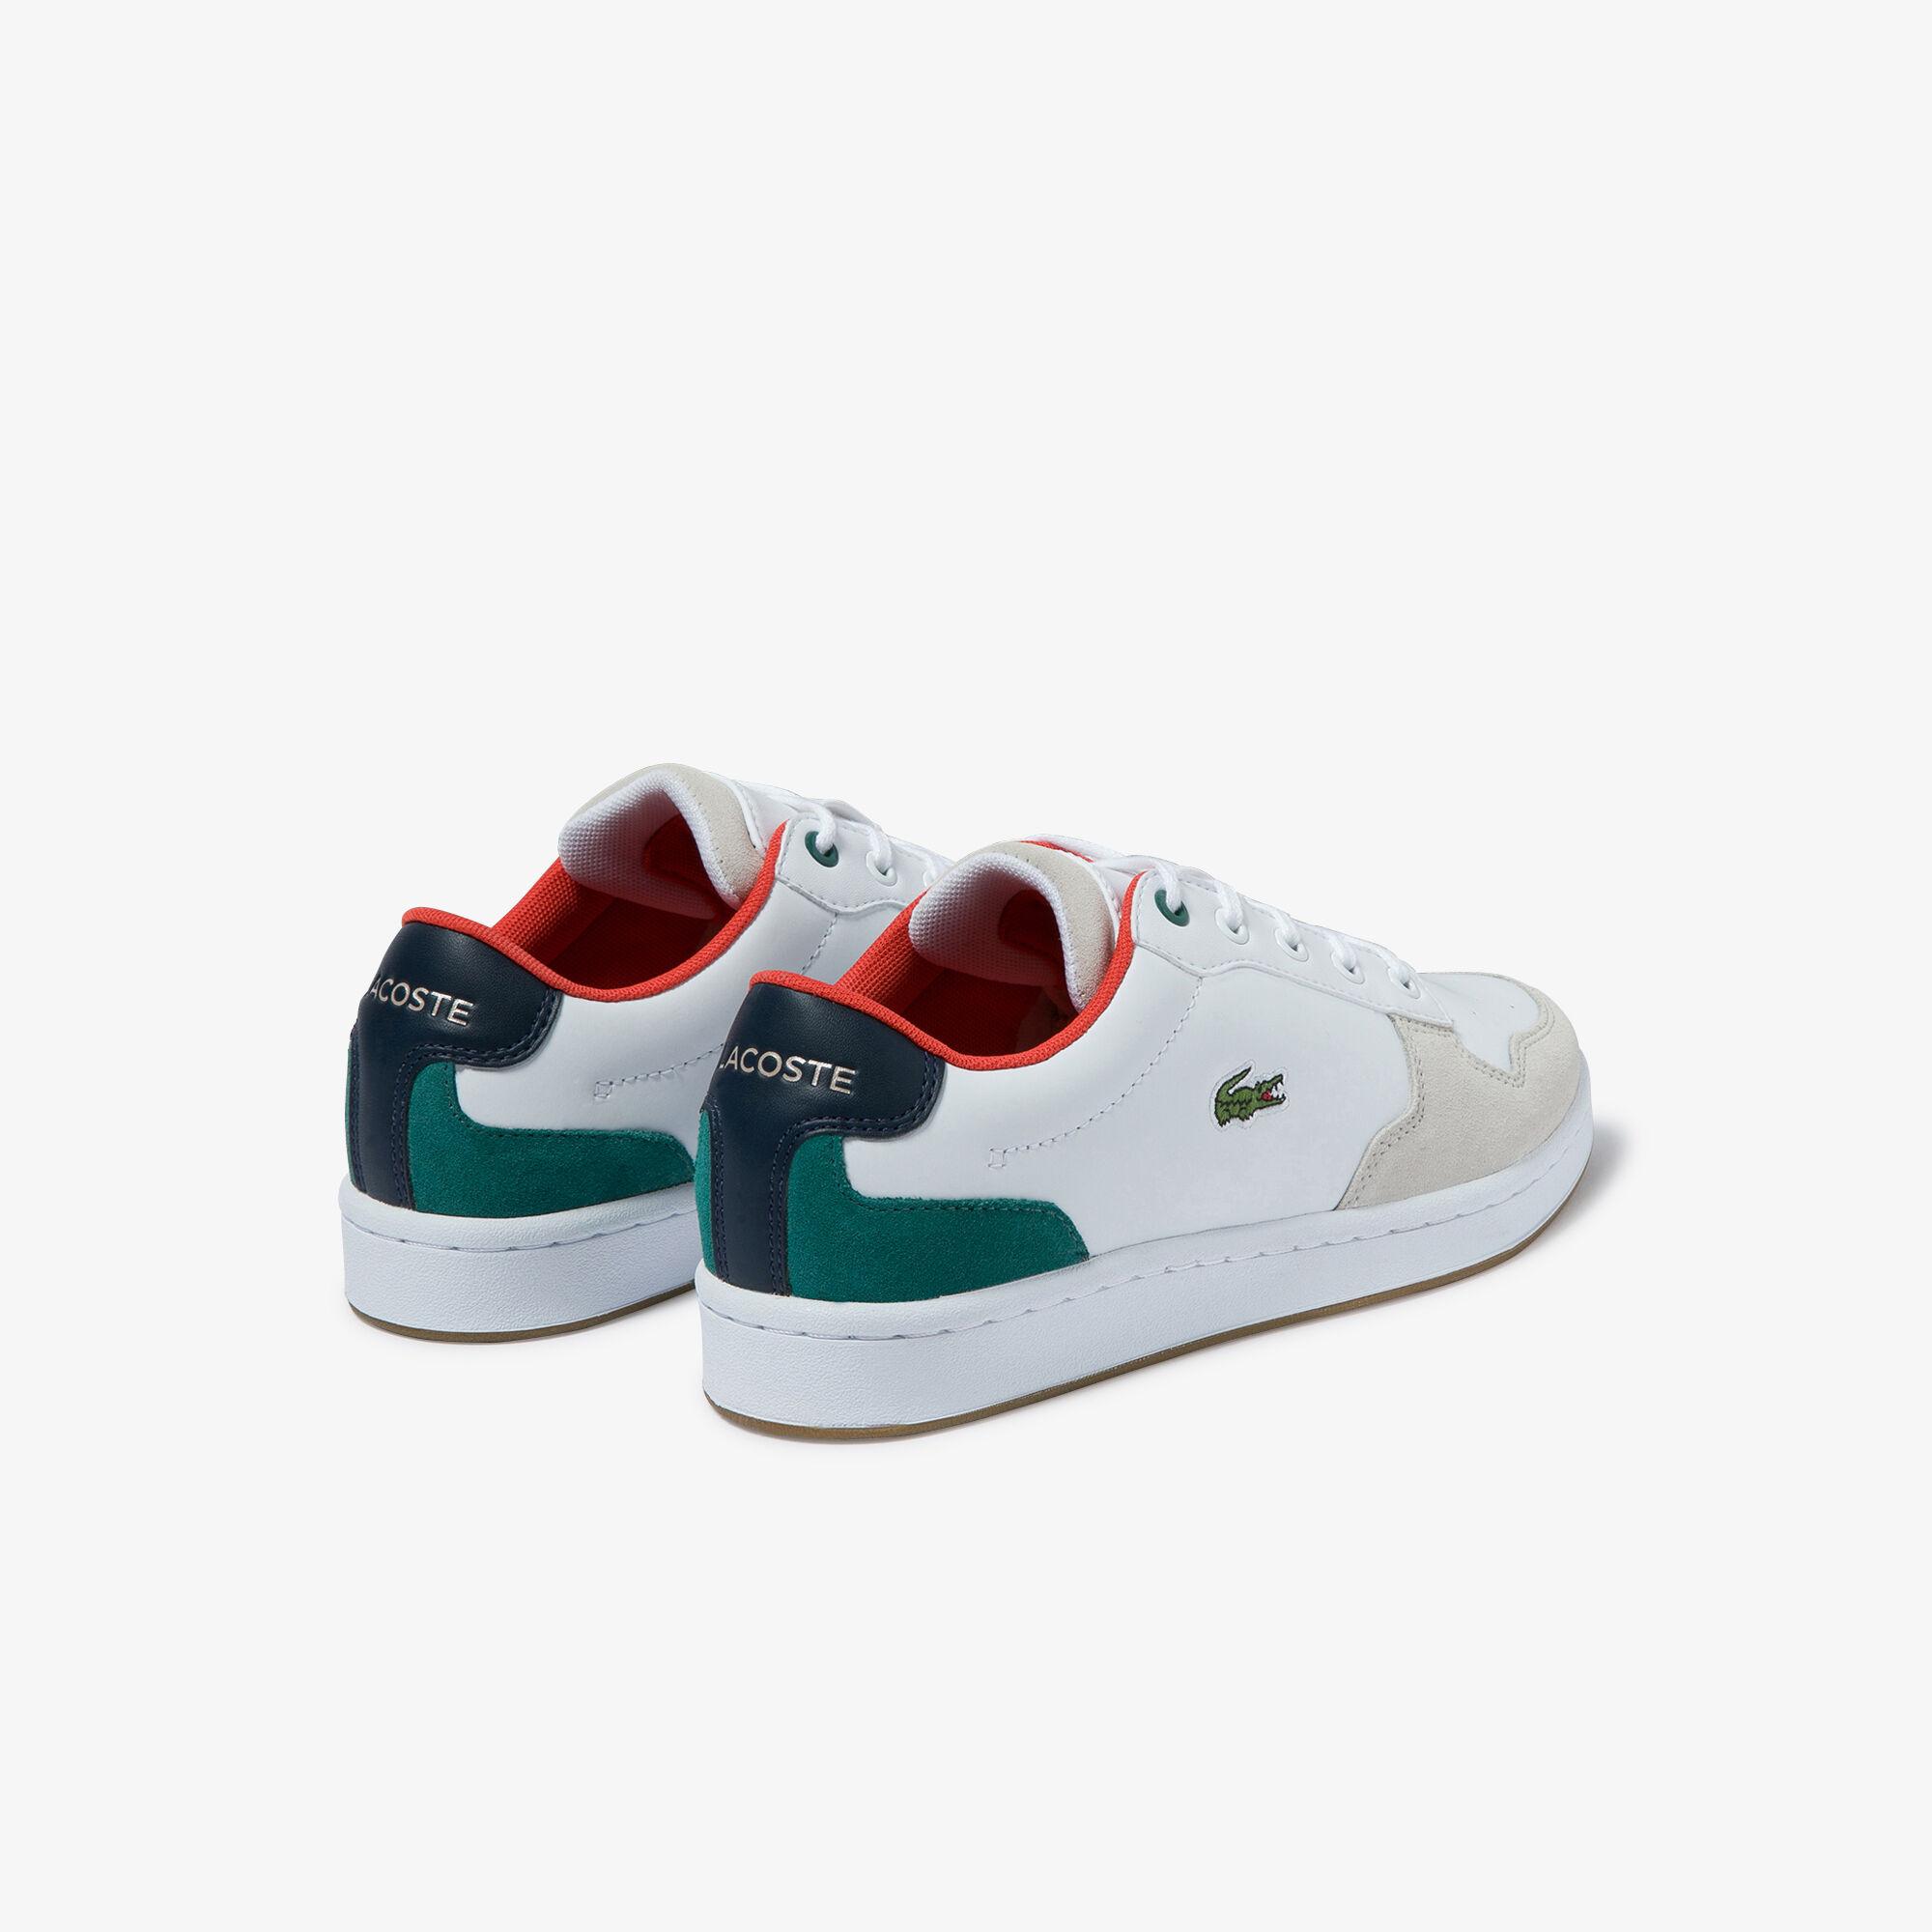 حذاء رياضي خفيف للشباب من مجموعة Masters Cup من الجلد الفضي والشمواه